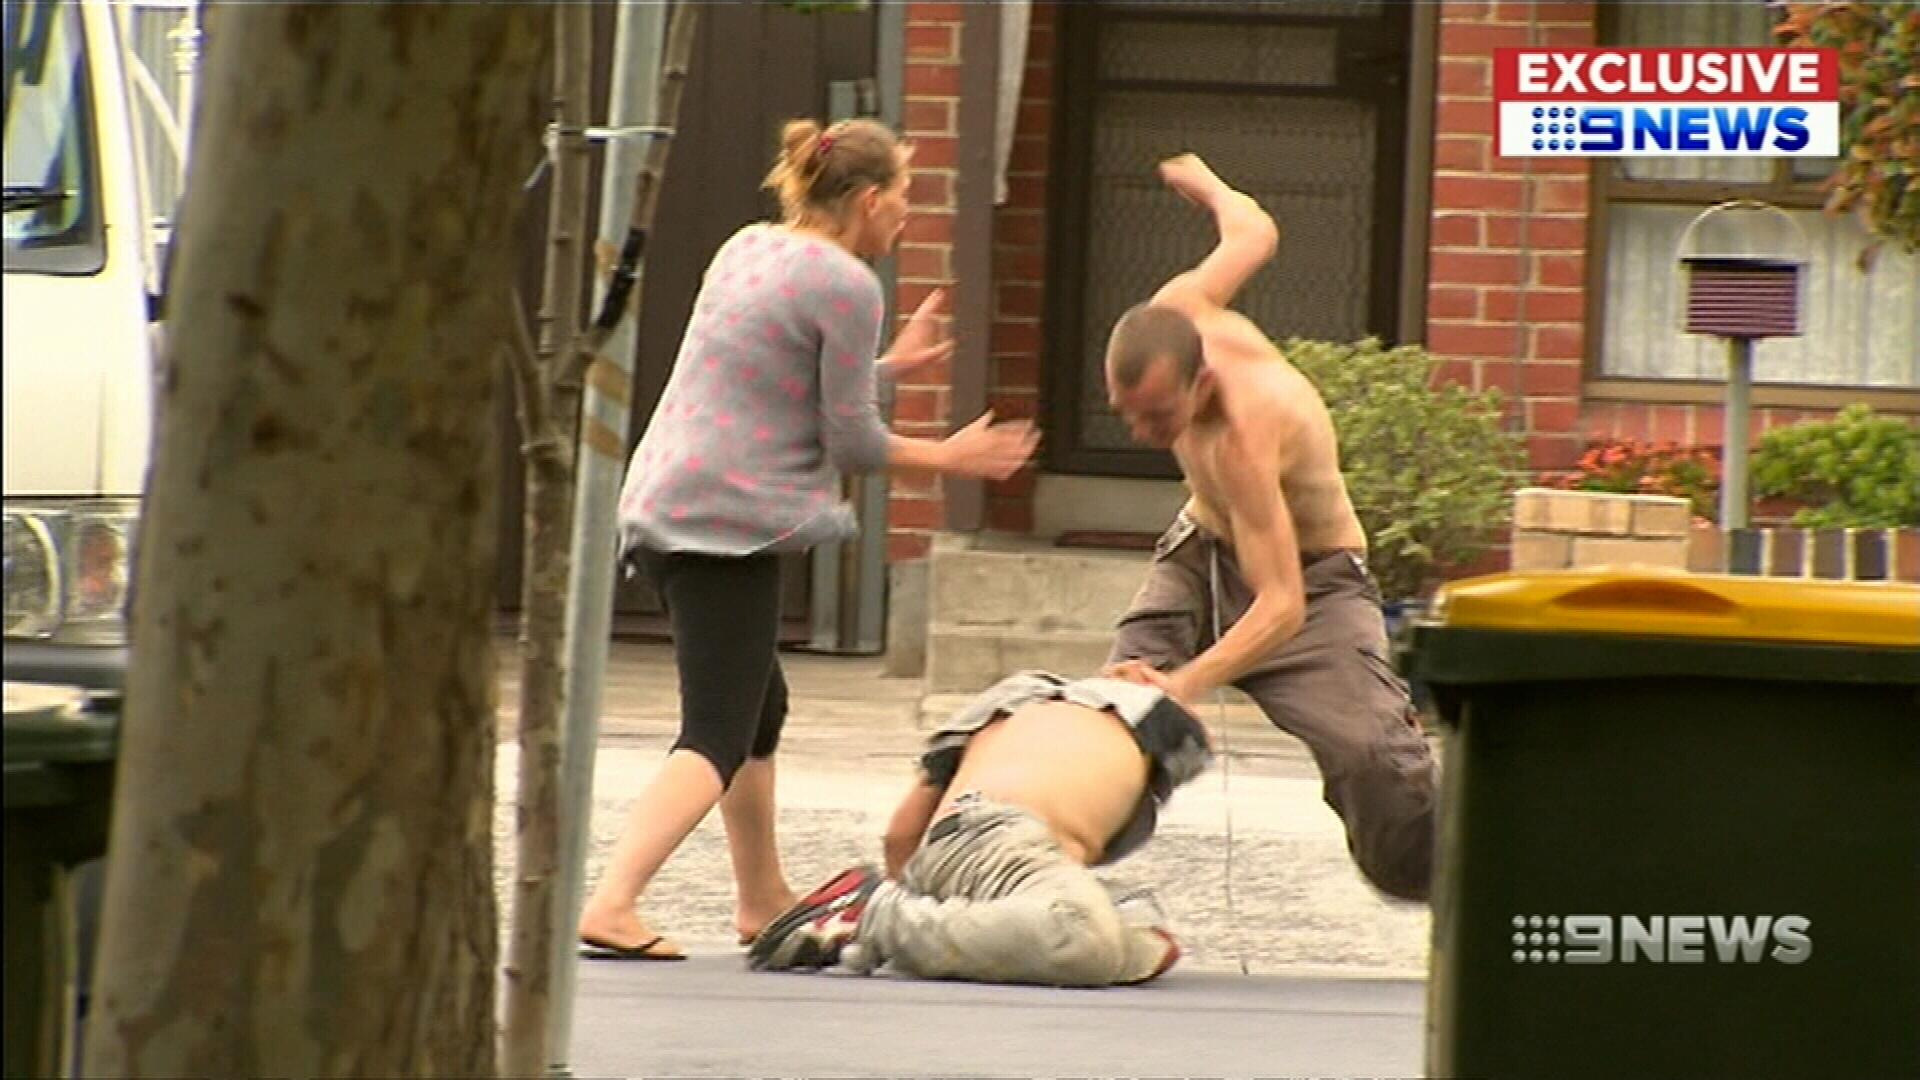 Wild brawl caught on camera in Melbourne